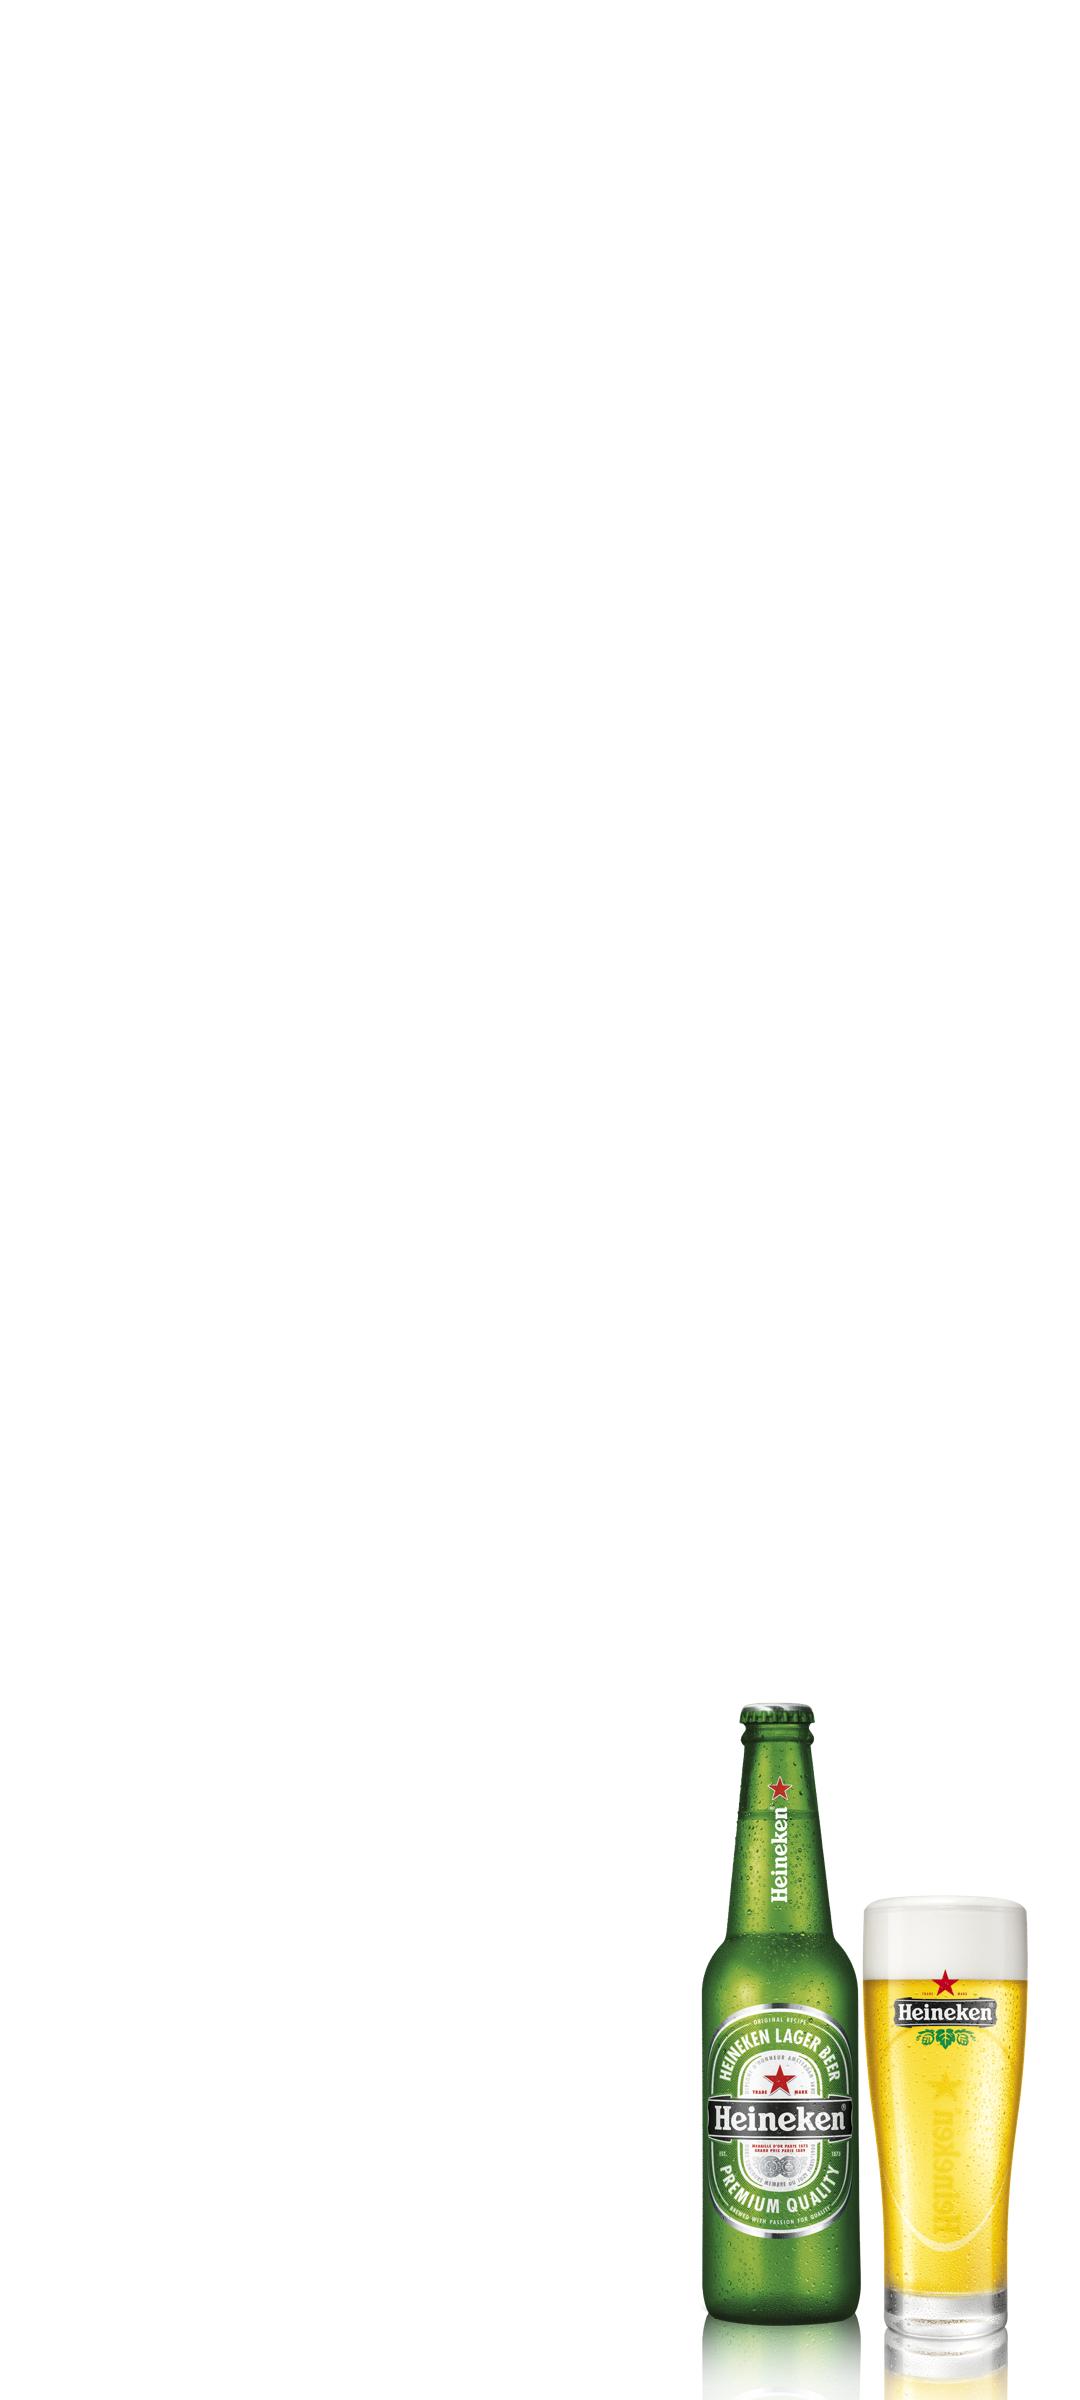 Heineken 瓶ビール OPPO Reno3 A スマホ壁紙・待ち受け